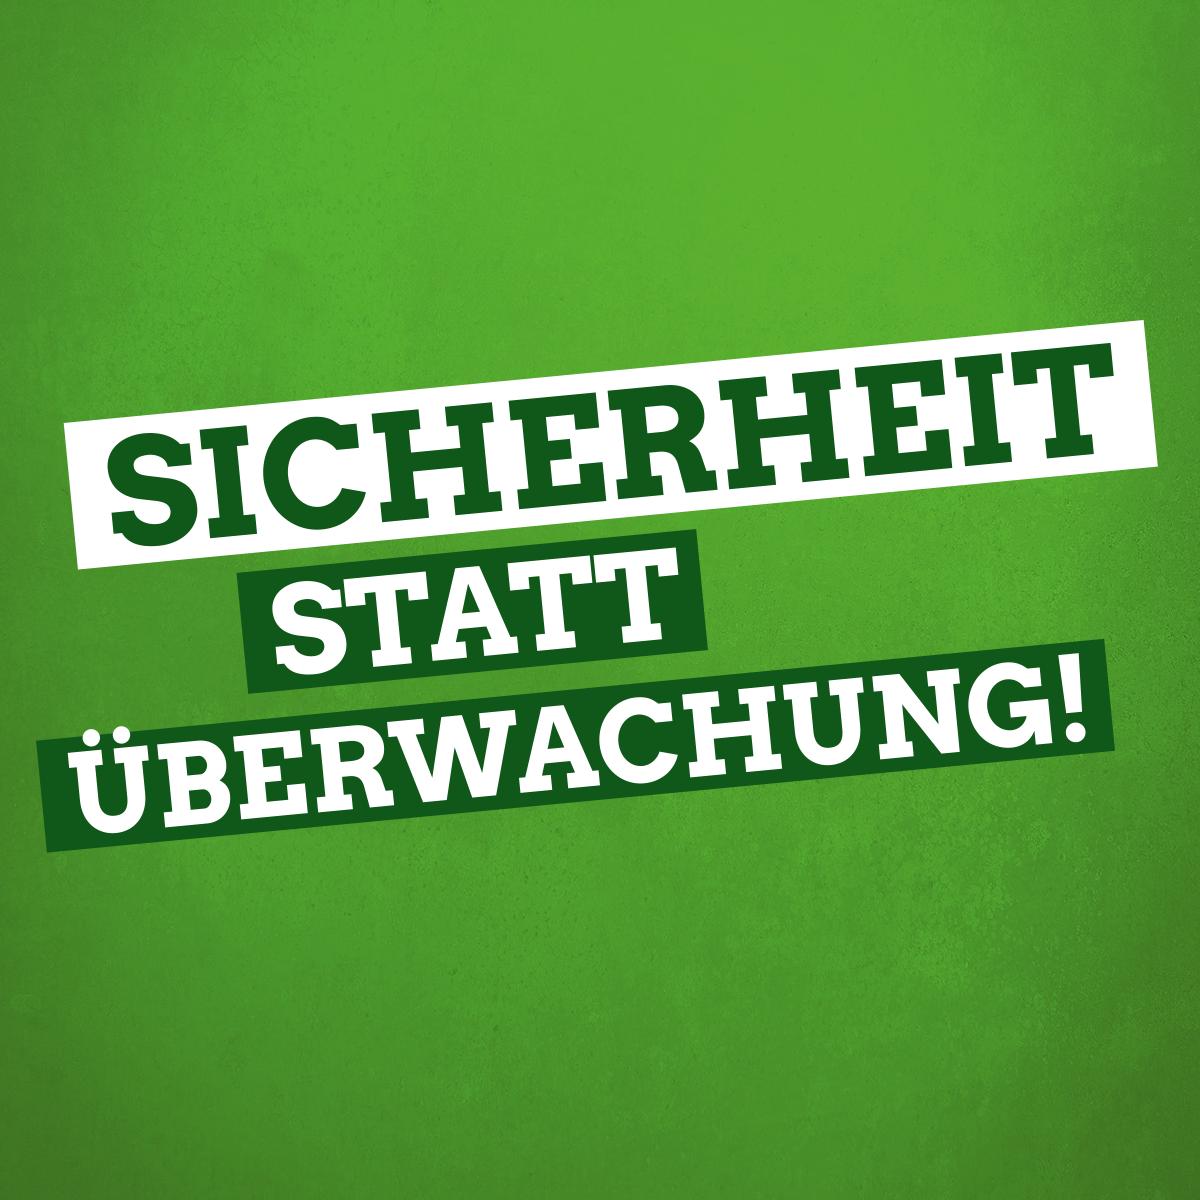 Sicherheit statt Überwachung: Für Bürgerrechte und Sicherheit in Niedersachsen.